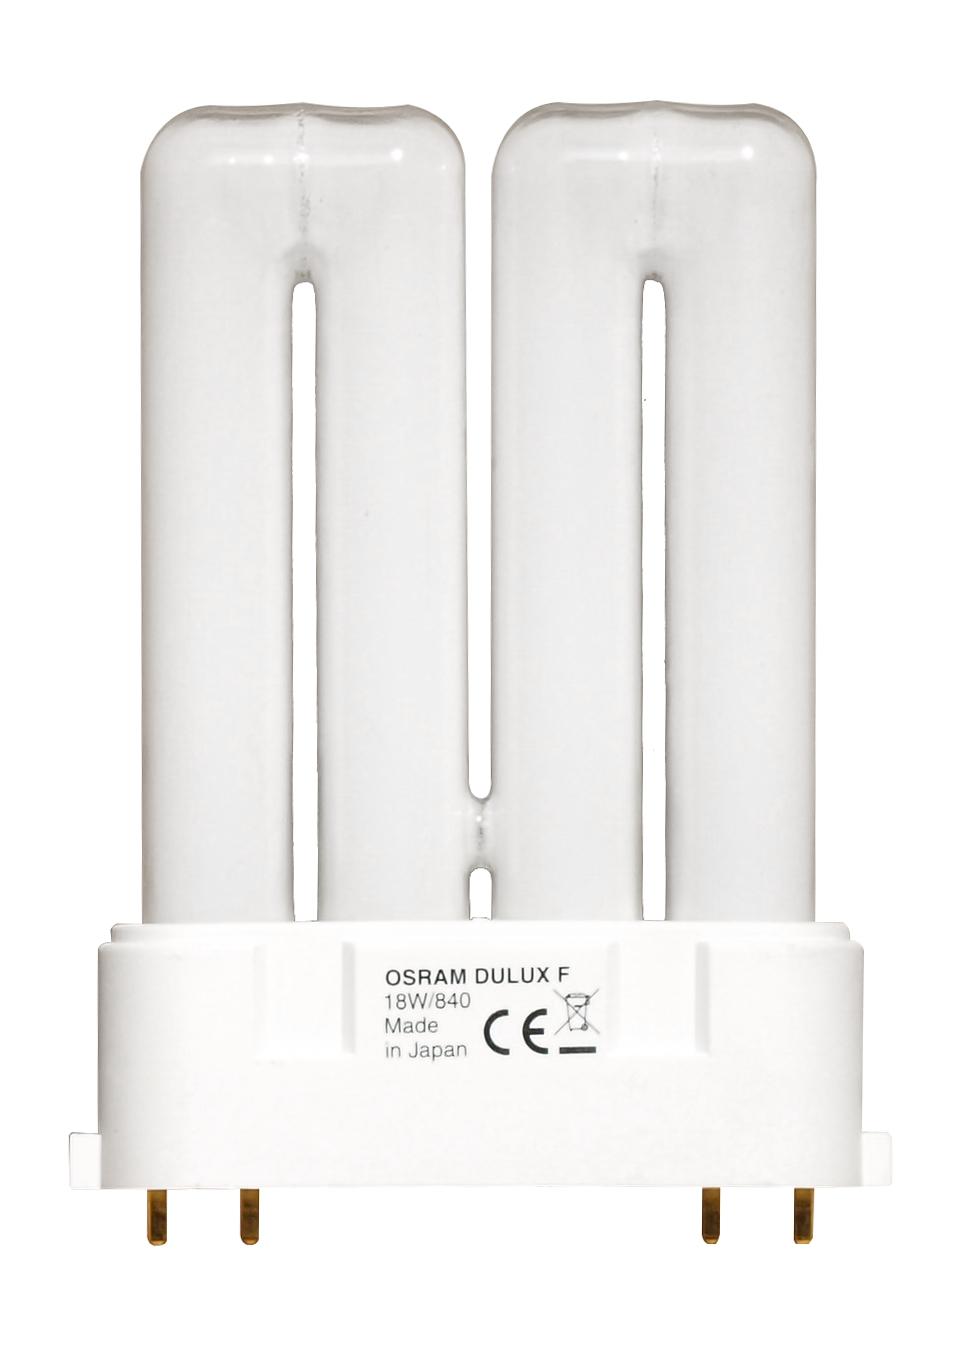 1 Stk TC-F 24W/840 2G10, Kompaktleuchtstofflampe LI5W333588